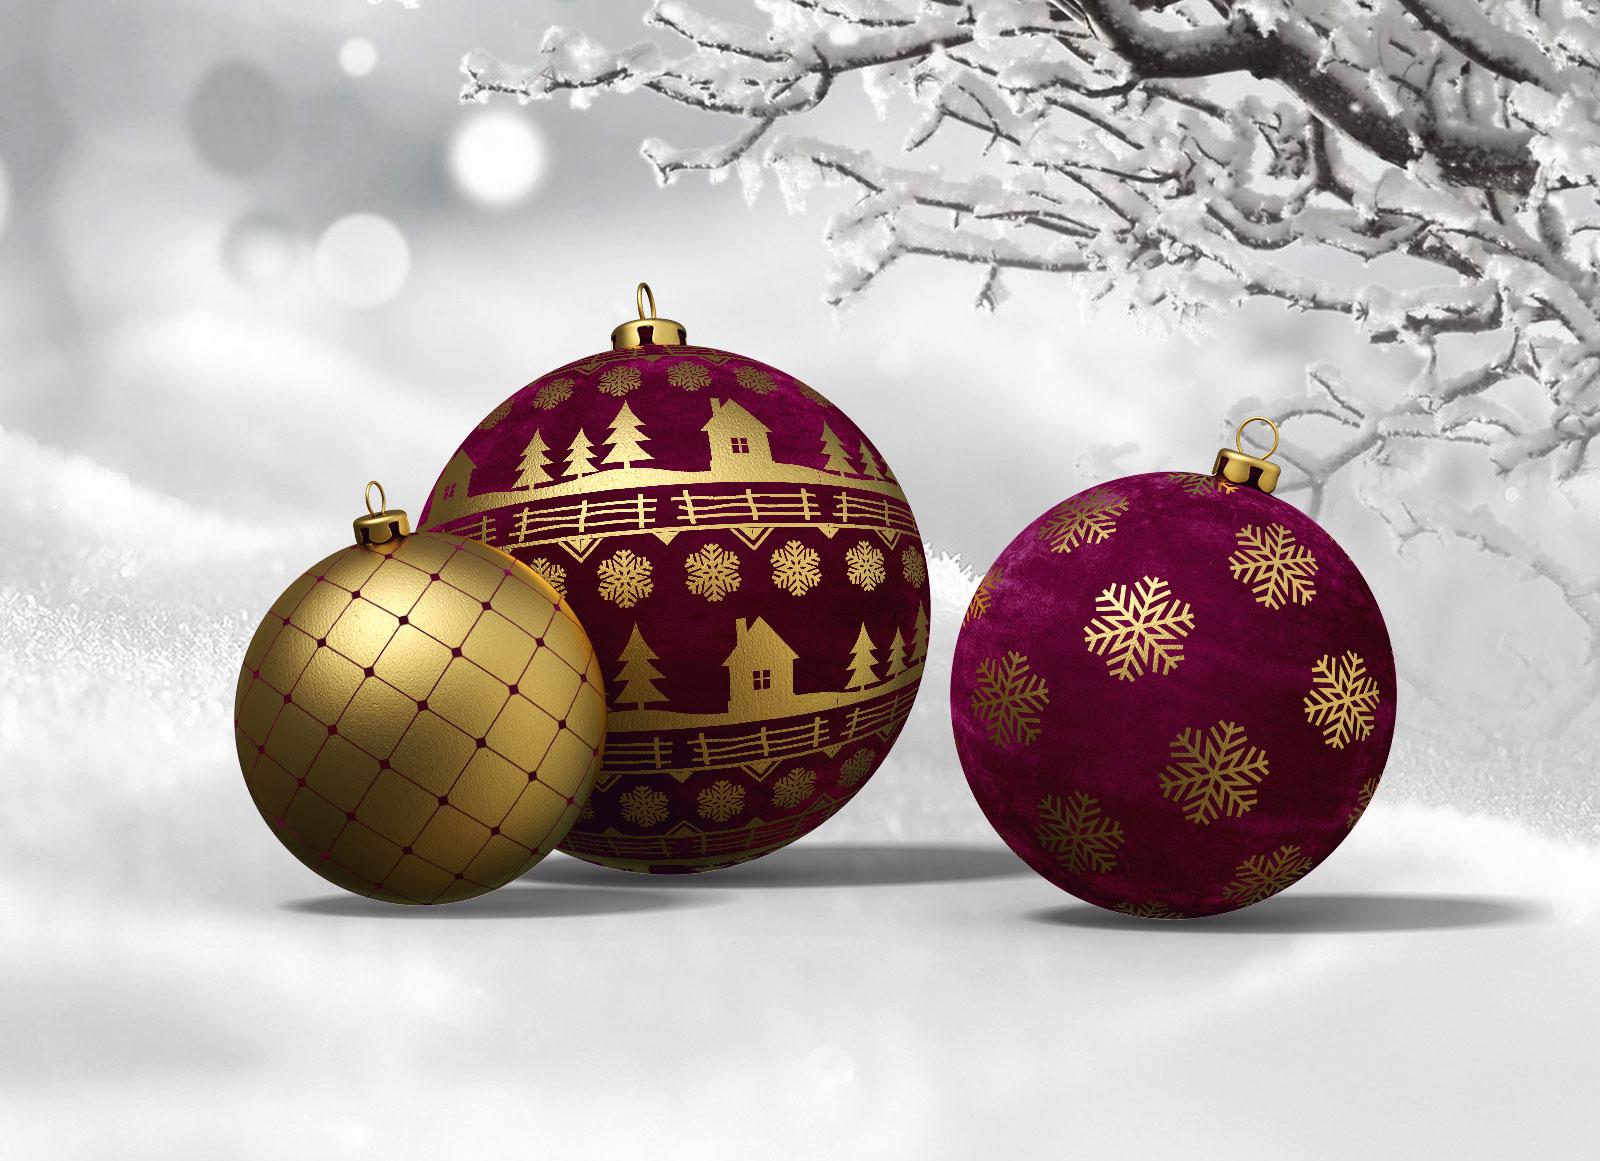 Free Christmas Ball Mockup PSD